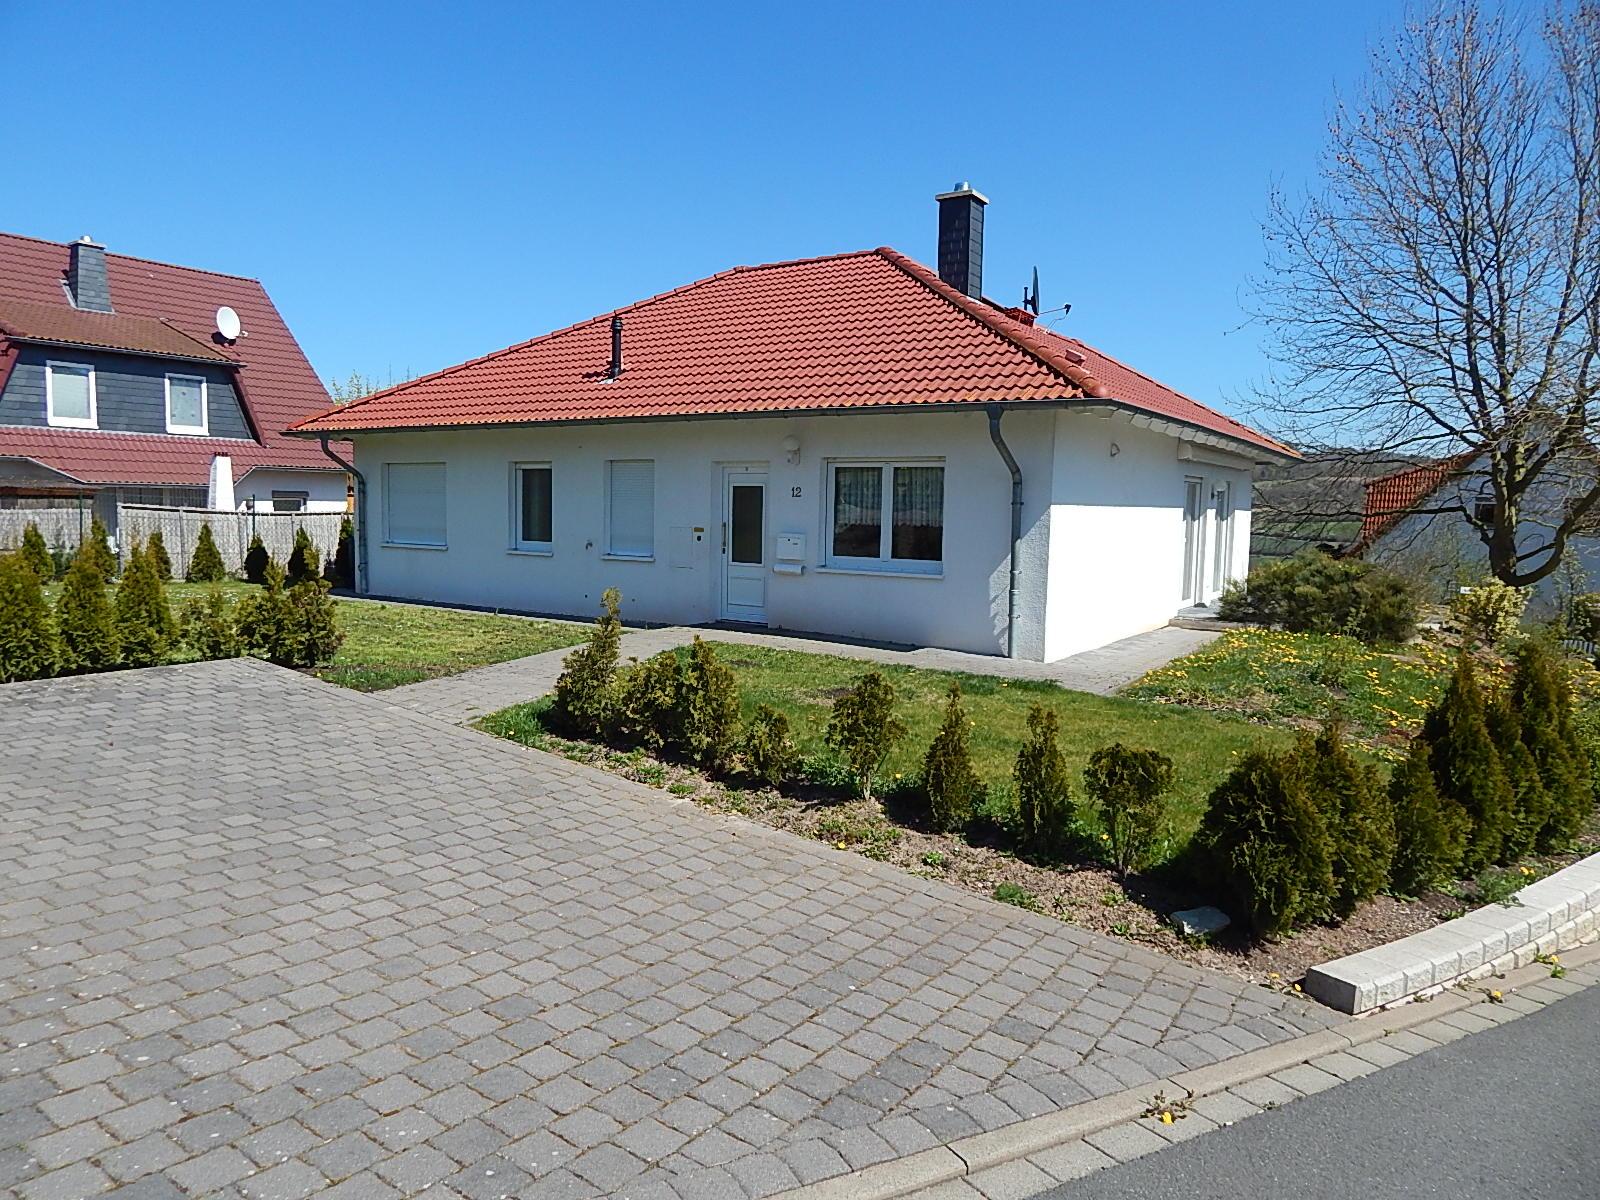 Ihr neues Zuhause in Friedland!